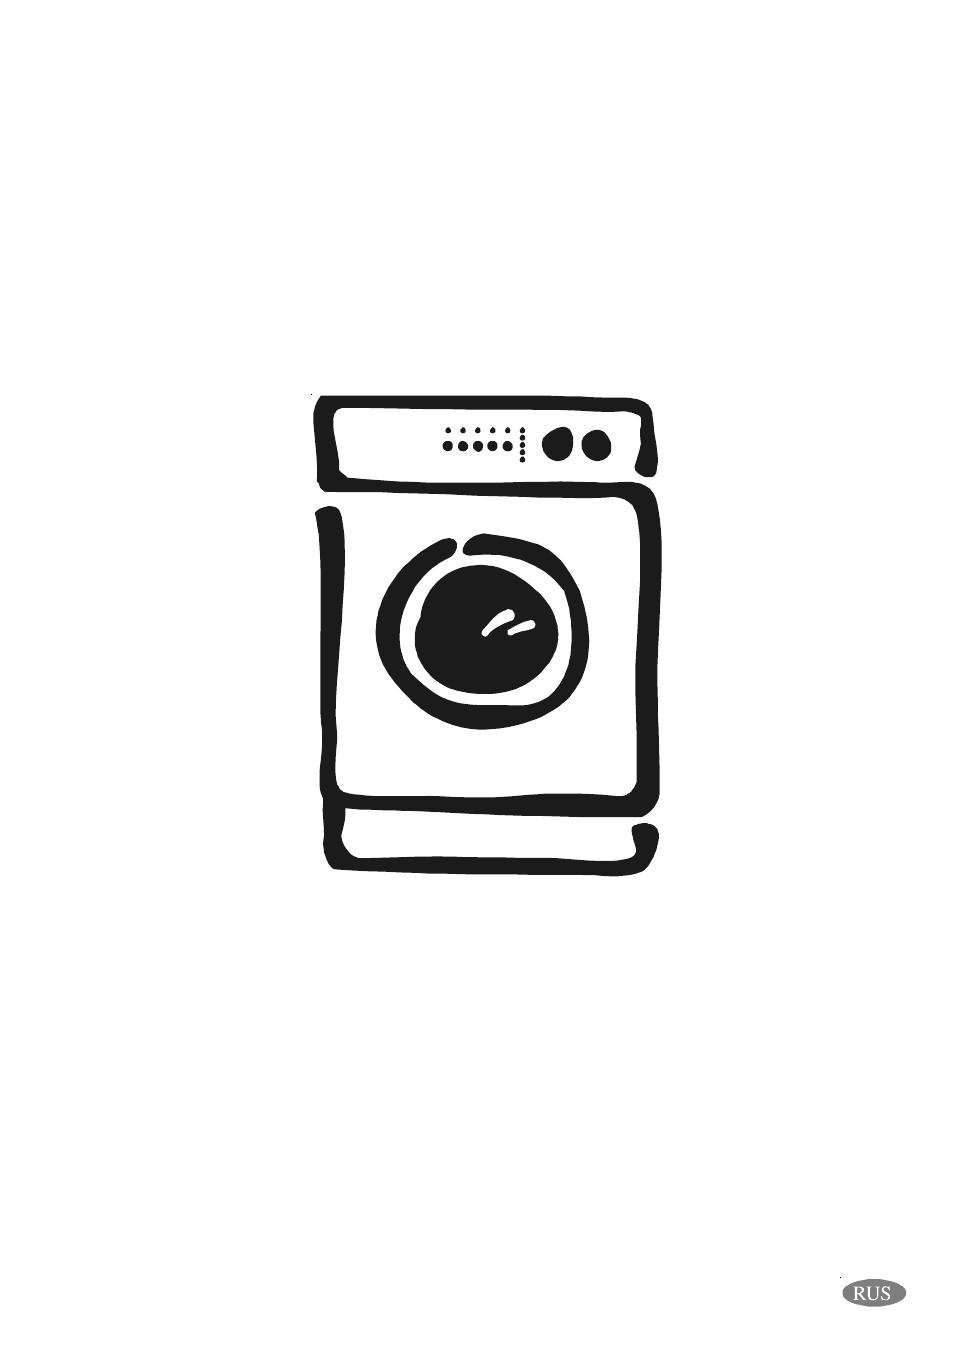 Electrolux Ewc 1350 инструкция - картинка 1